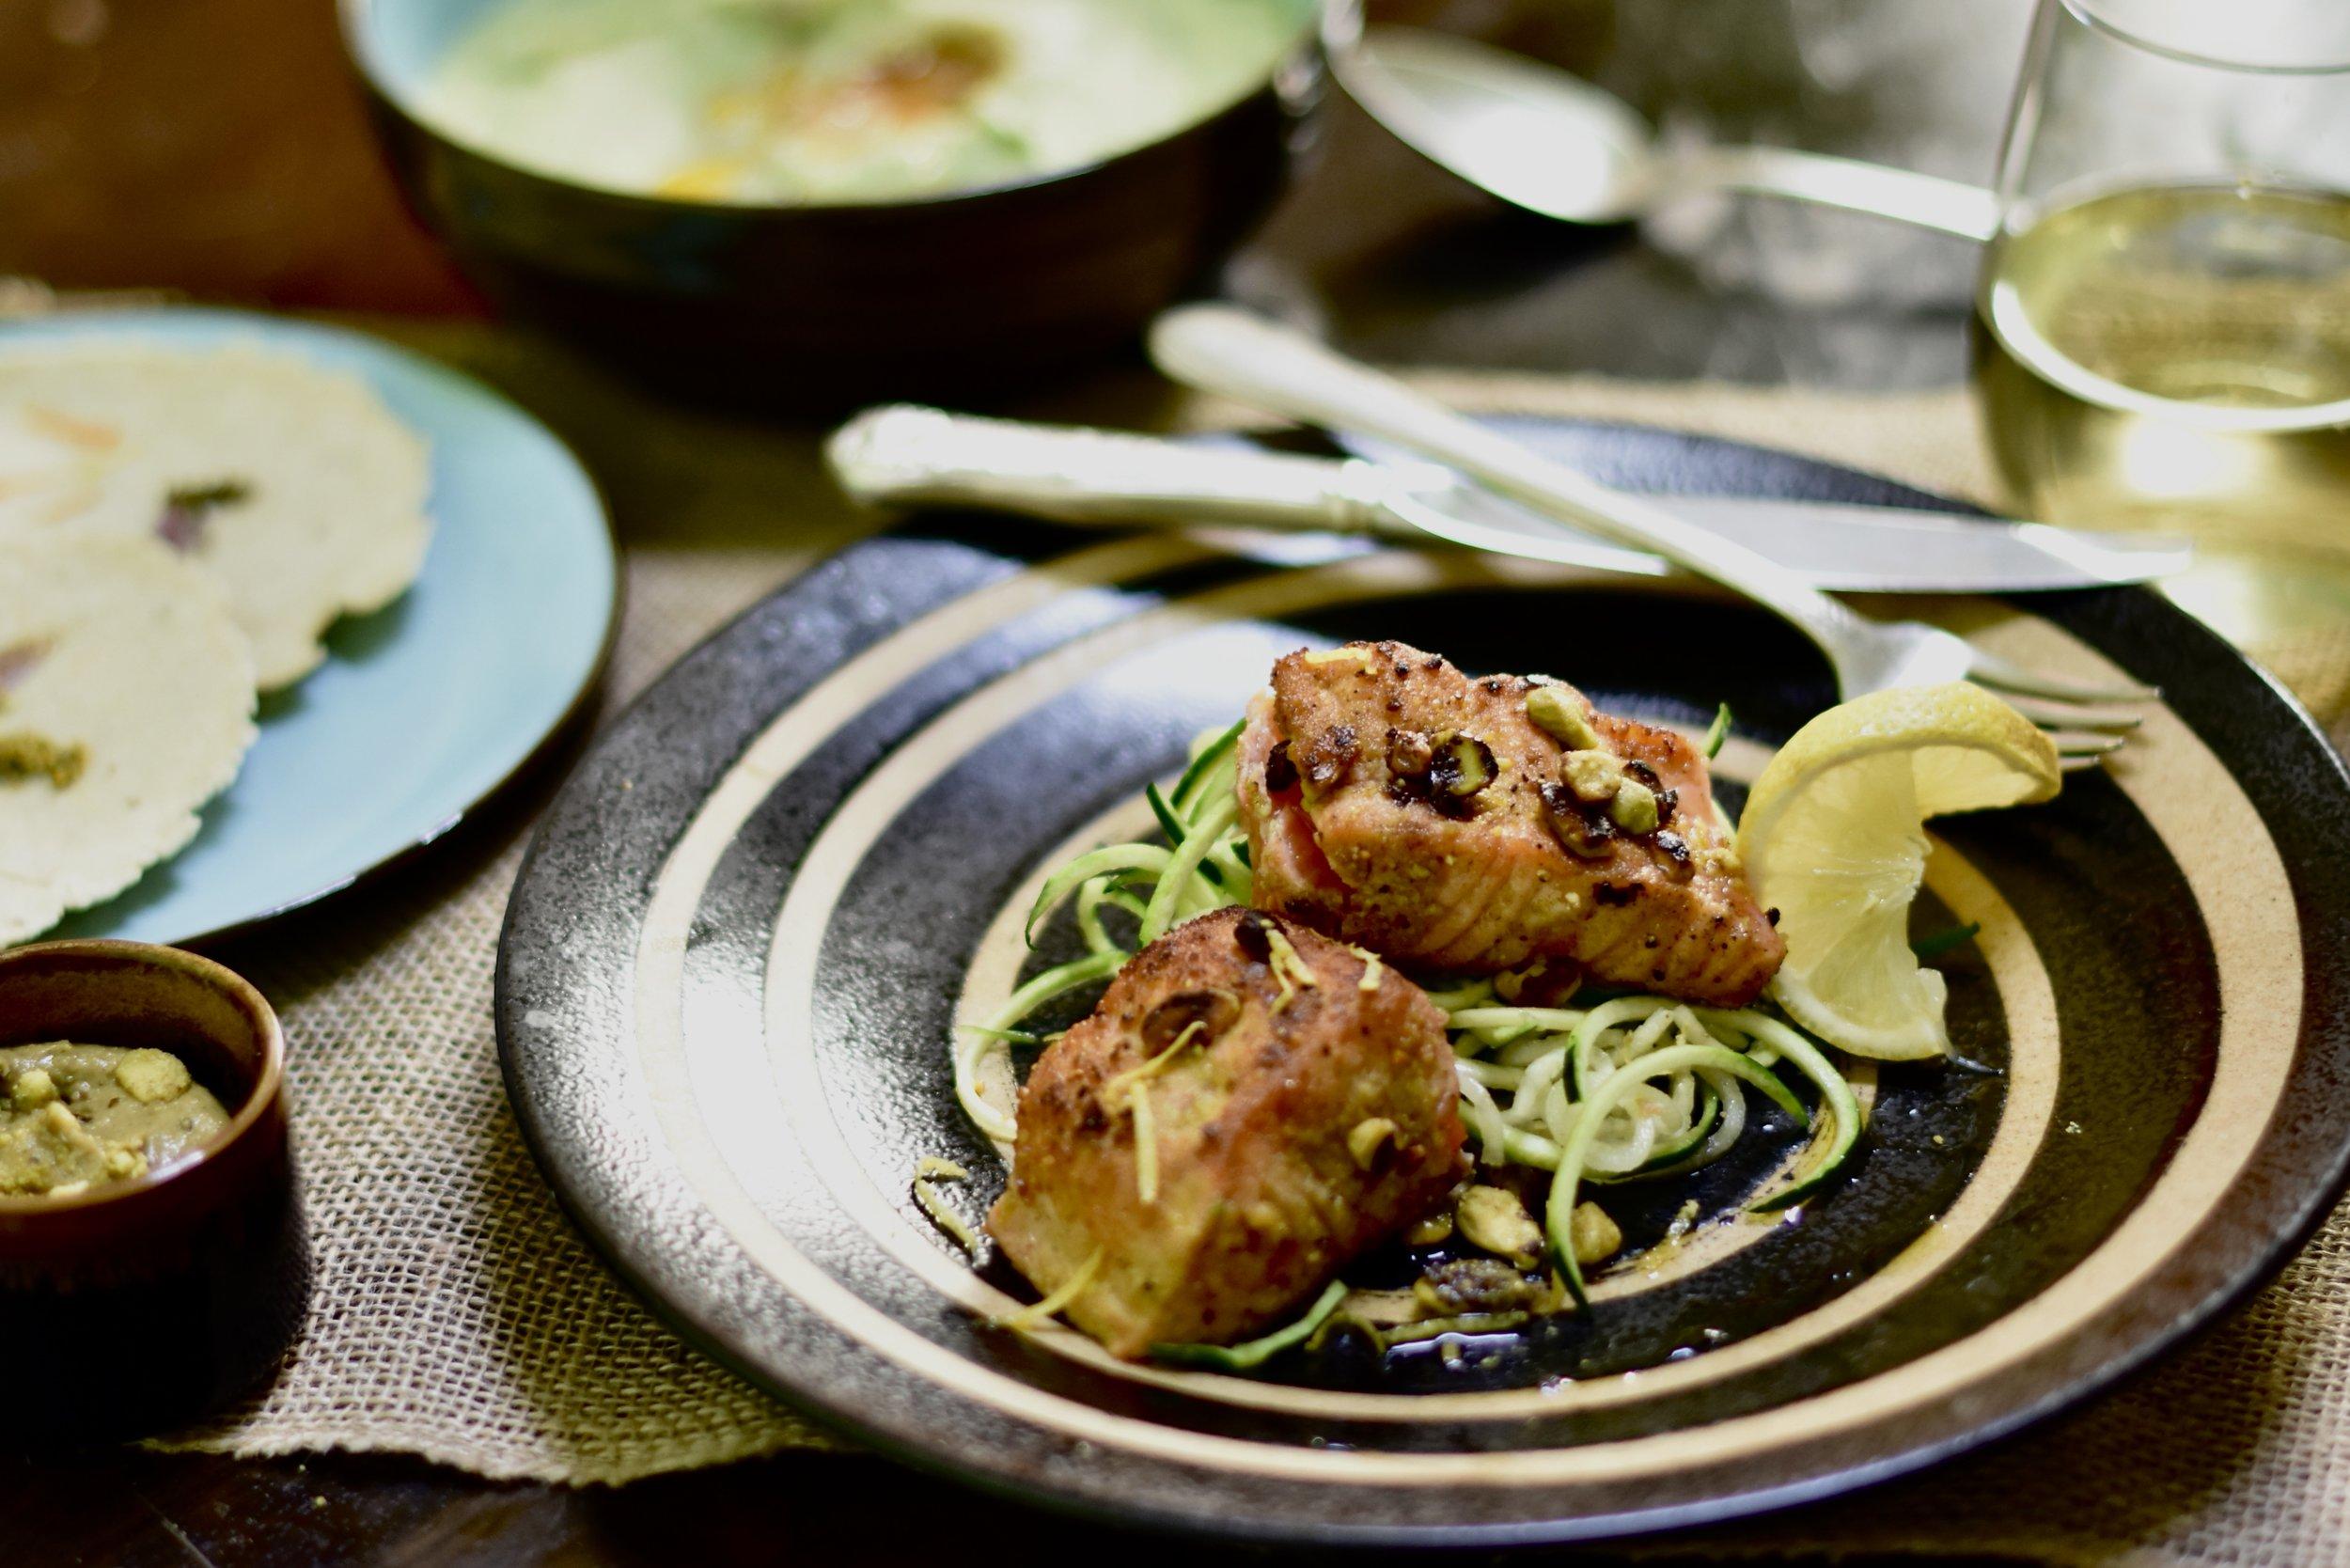 Pistachio-crusted Salmon/Zucchini Noodles/Pistachio Pipian